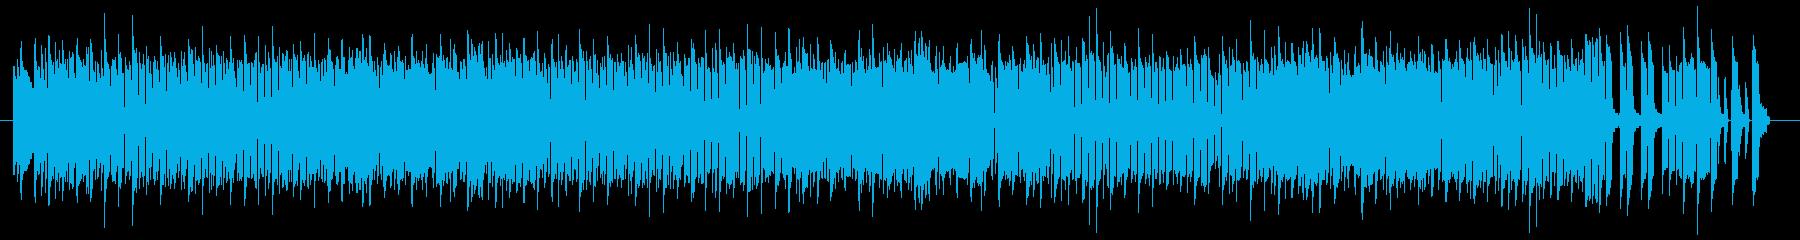 【FC実機】アクションゲームのタイトル曲の再生済みの波形